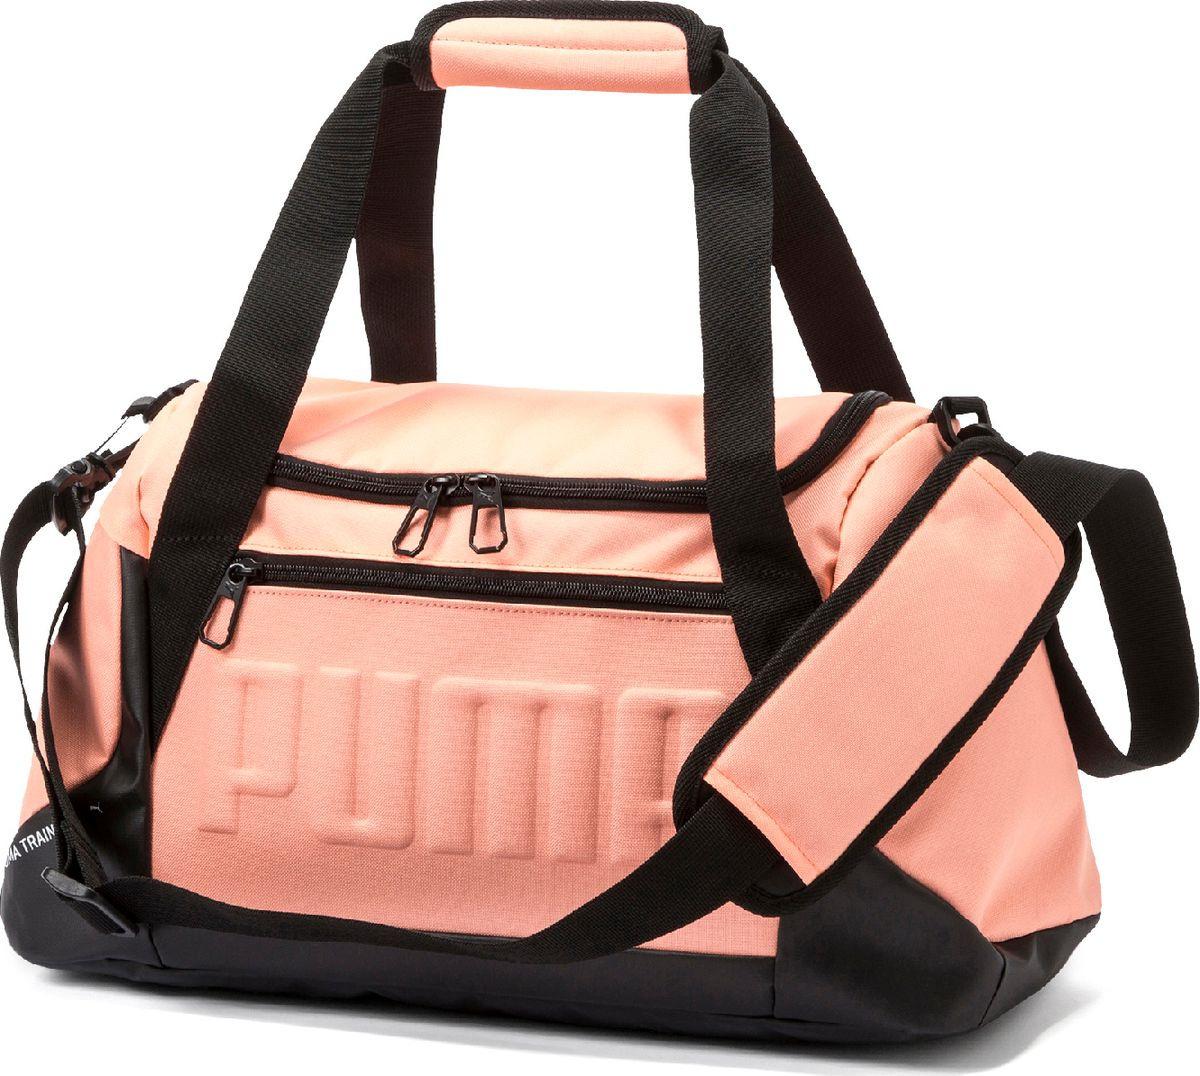 3f9e2493da1f Сумка Puma GYM Duffle Bag S, 07573903, персиковый — купить в интернет-магазине  OZON.ru с быстрой доставкой